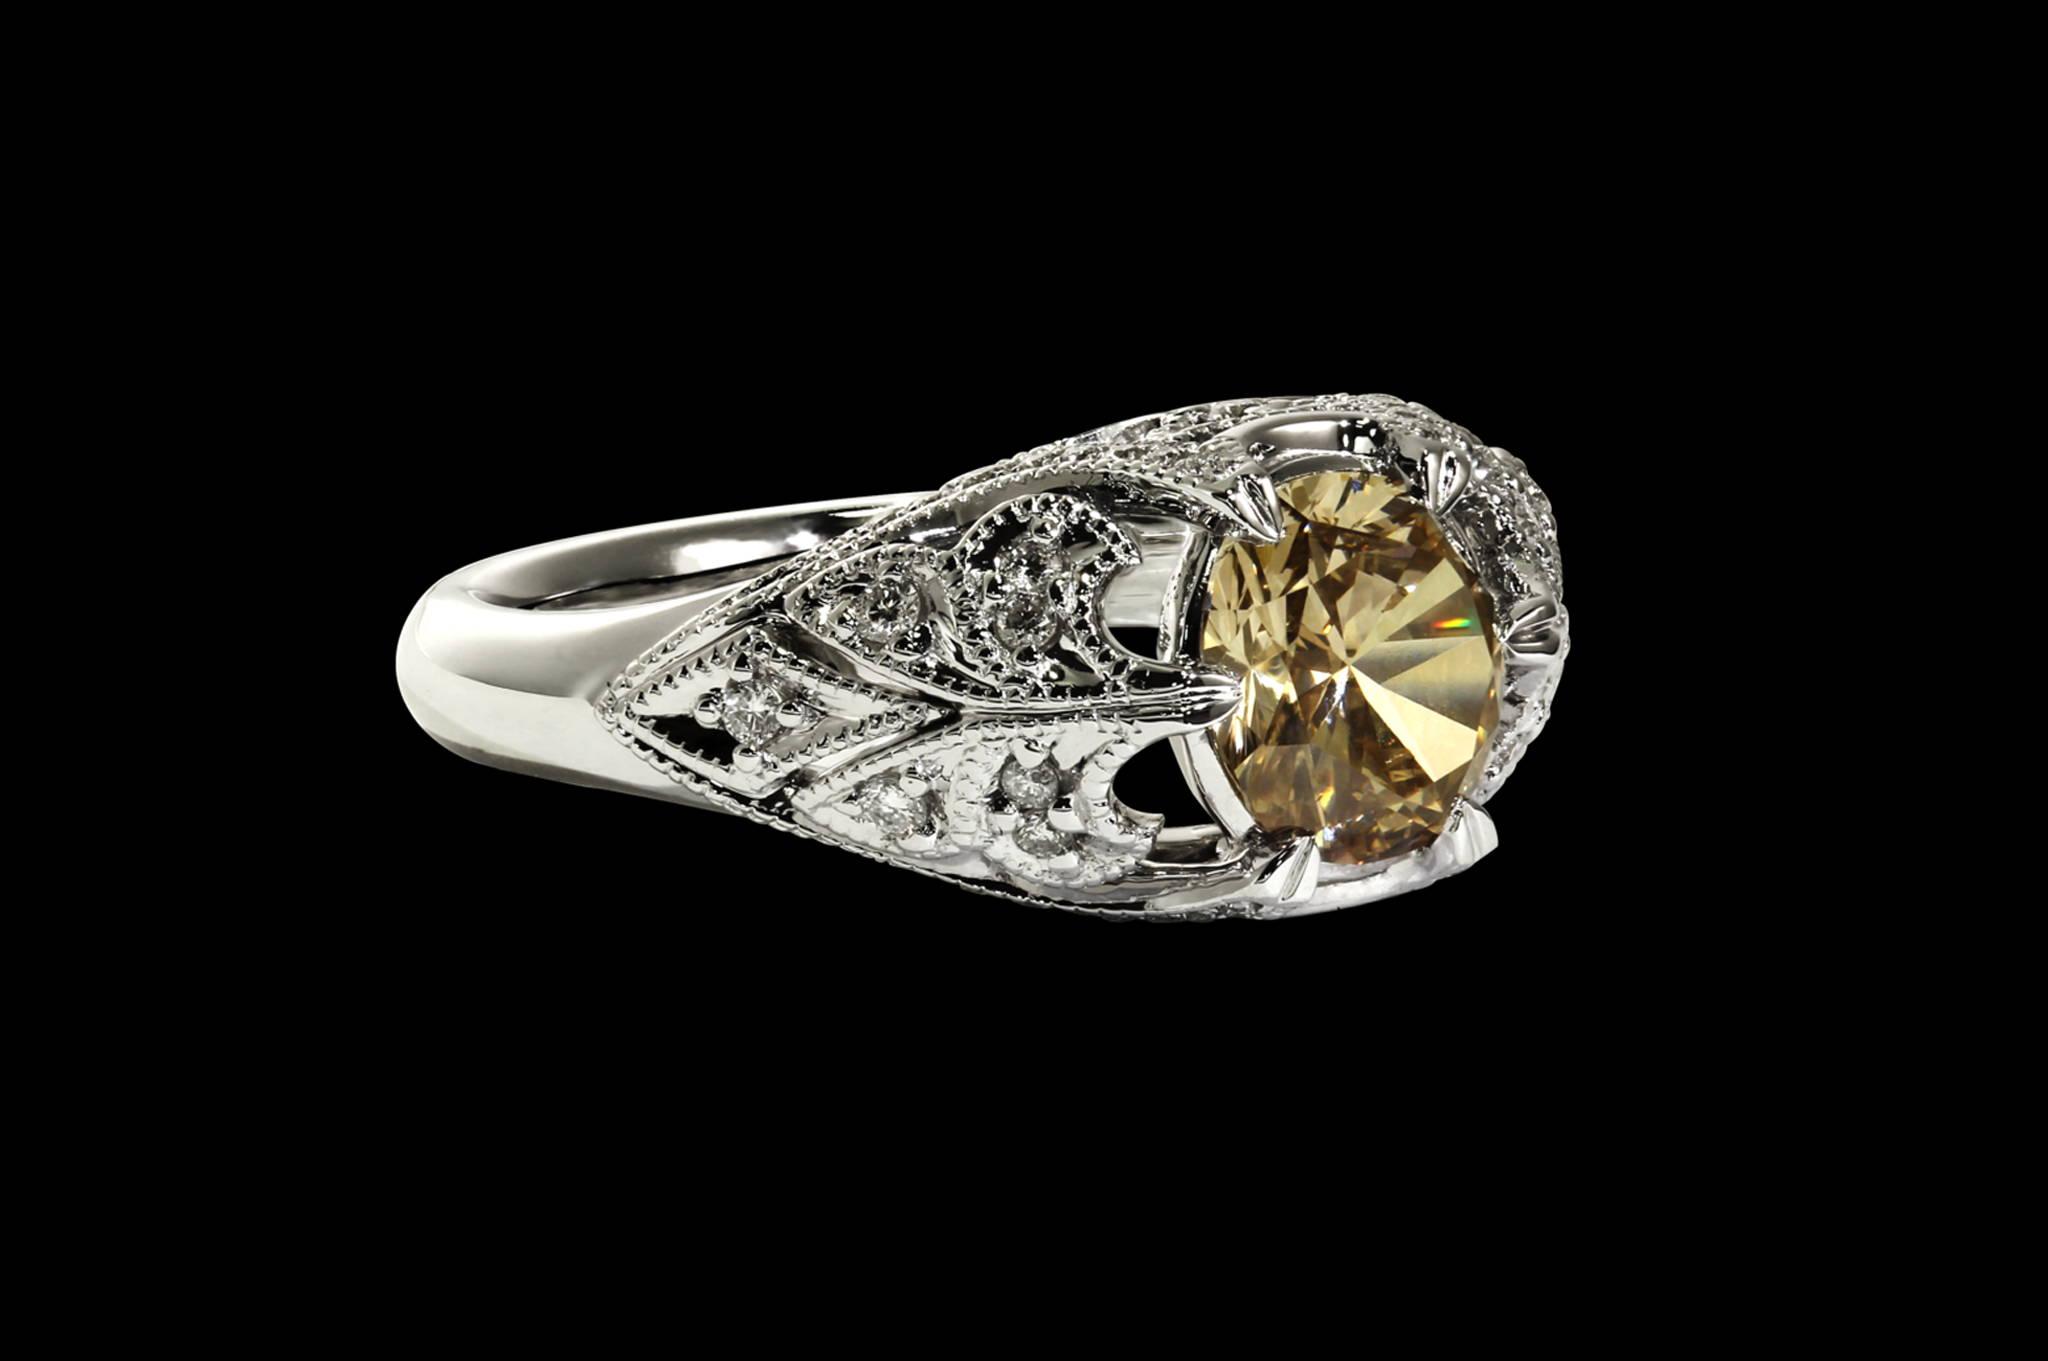 Champagne Diamond Victorian Ring rare view